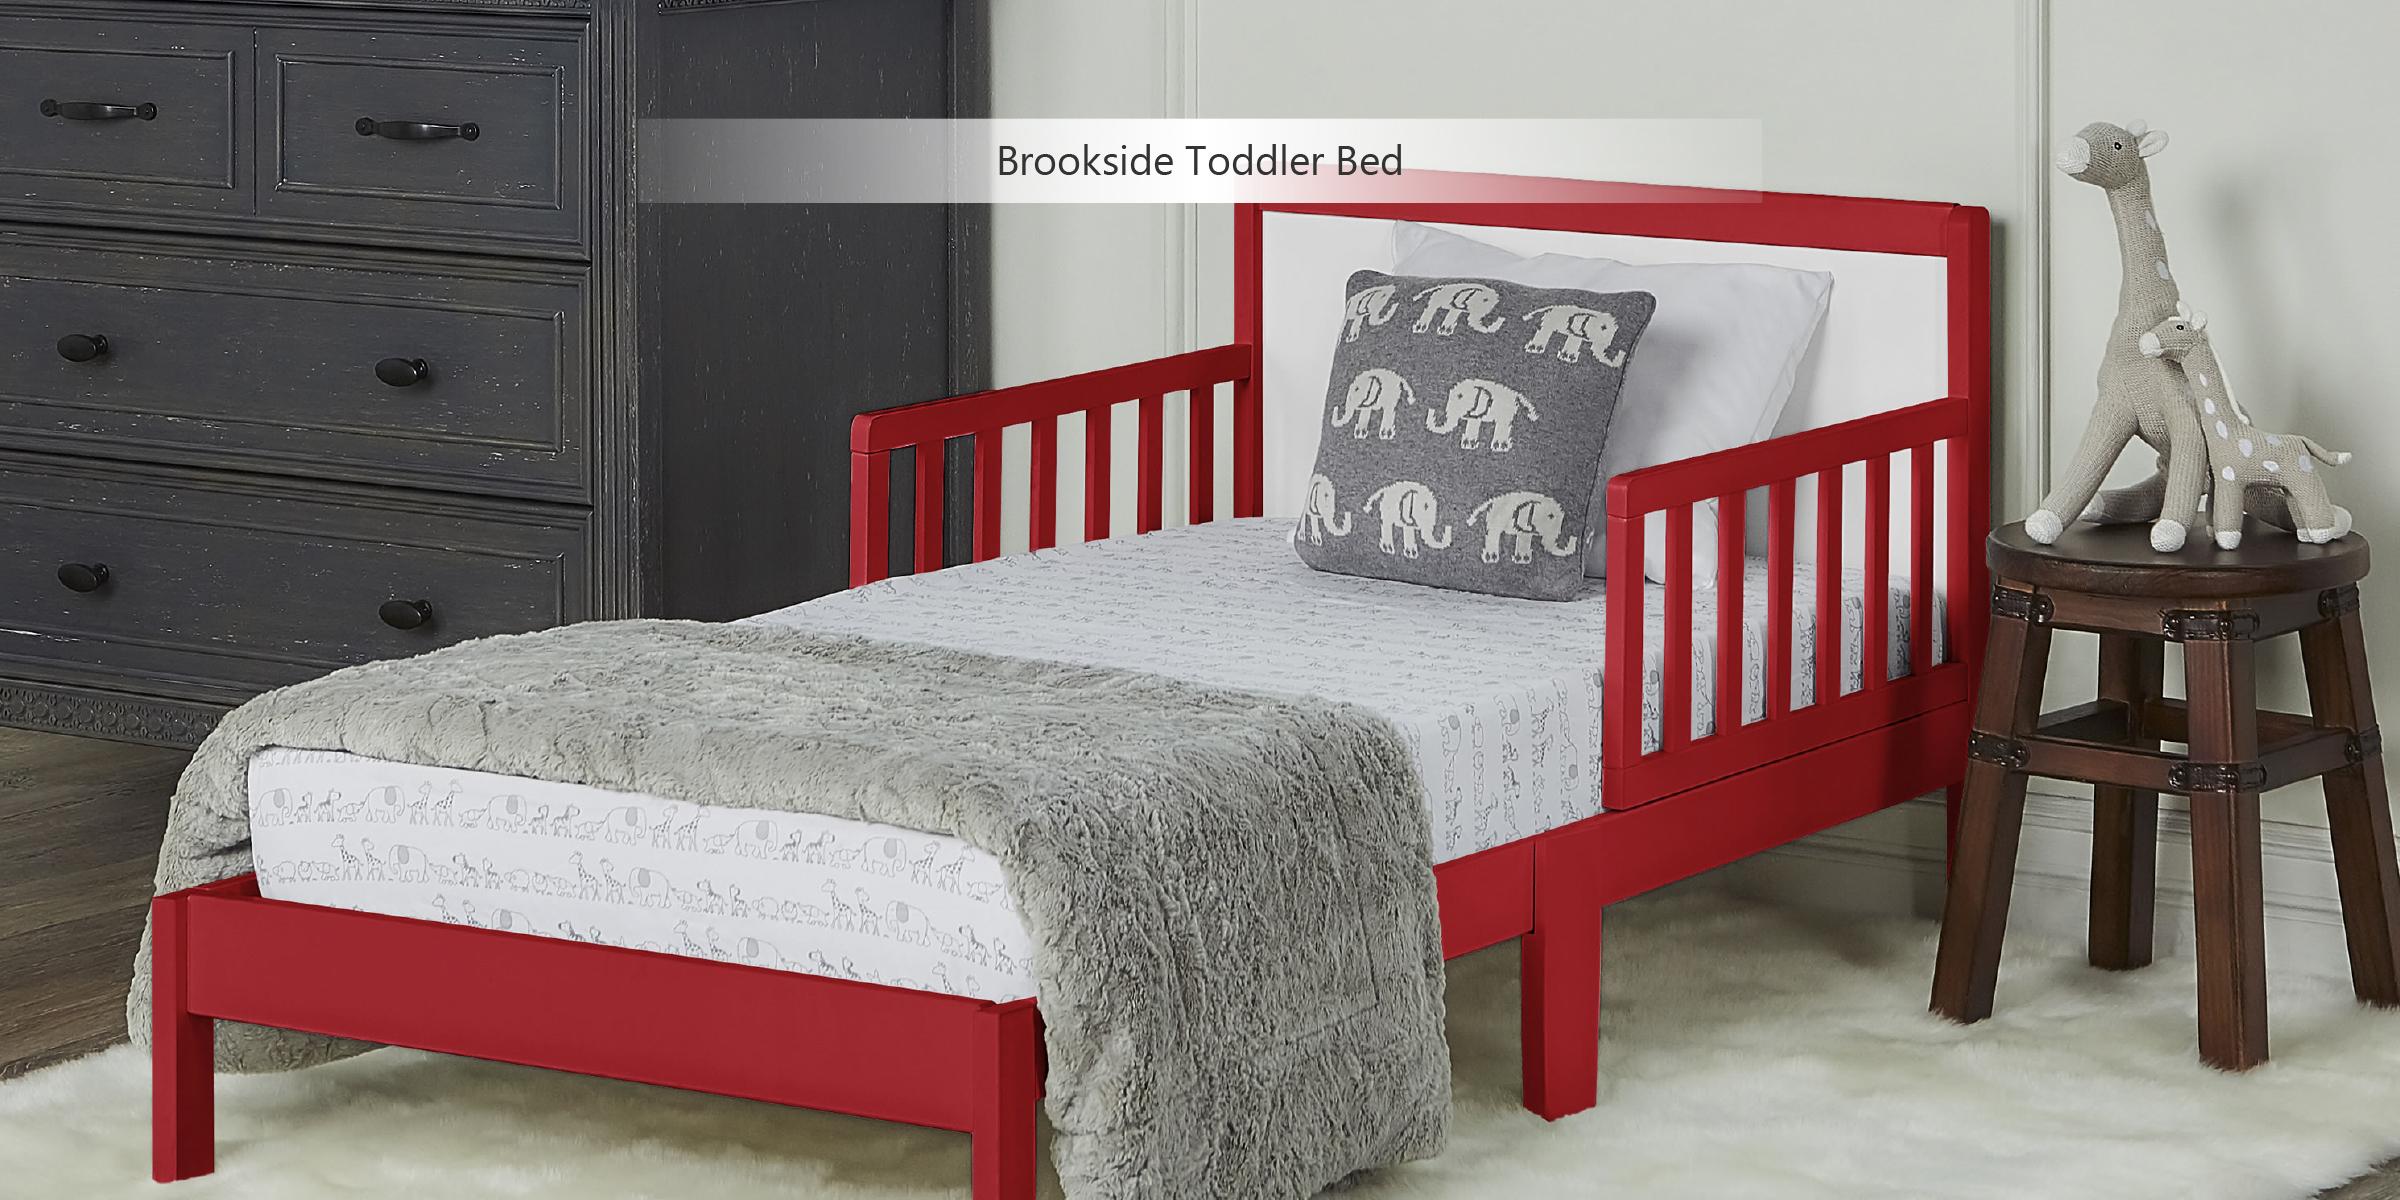 Brookside-Toddler-Bed